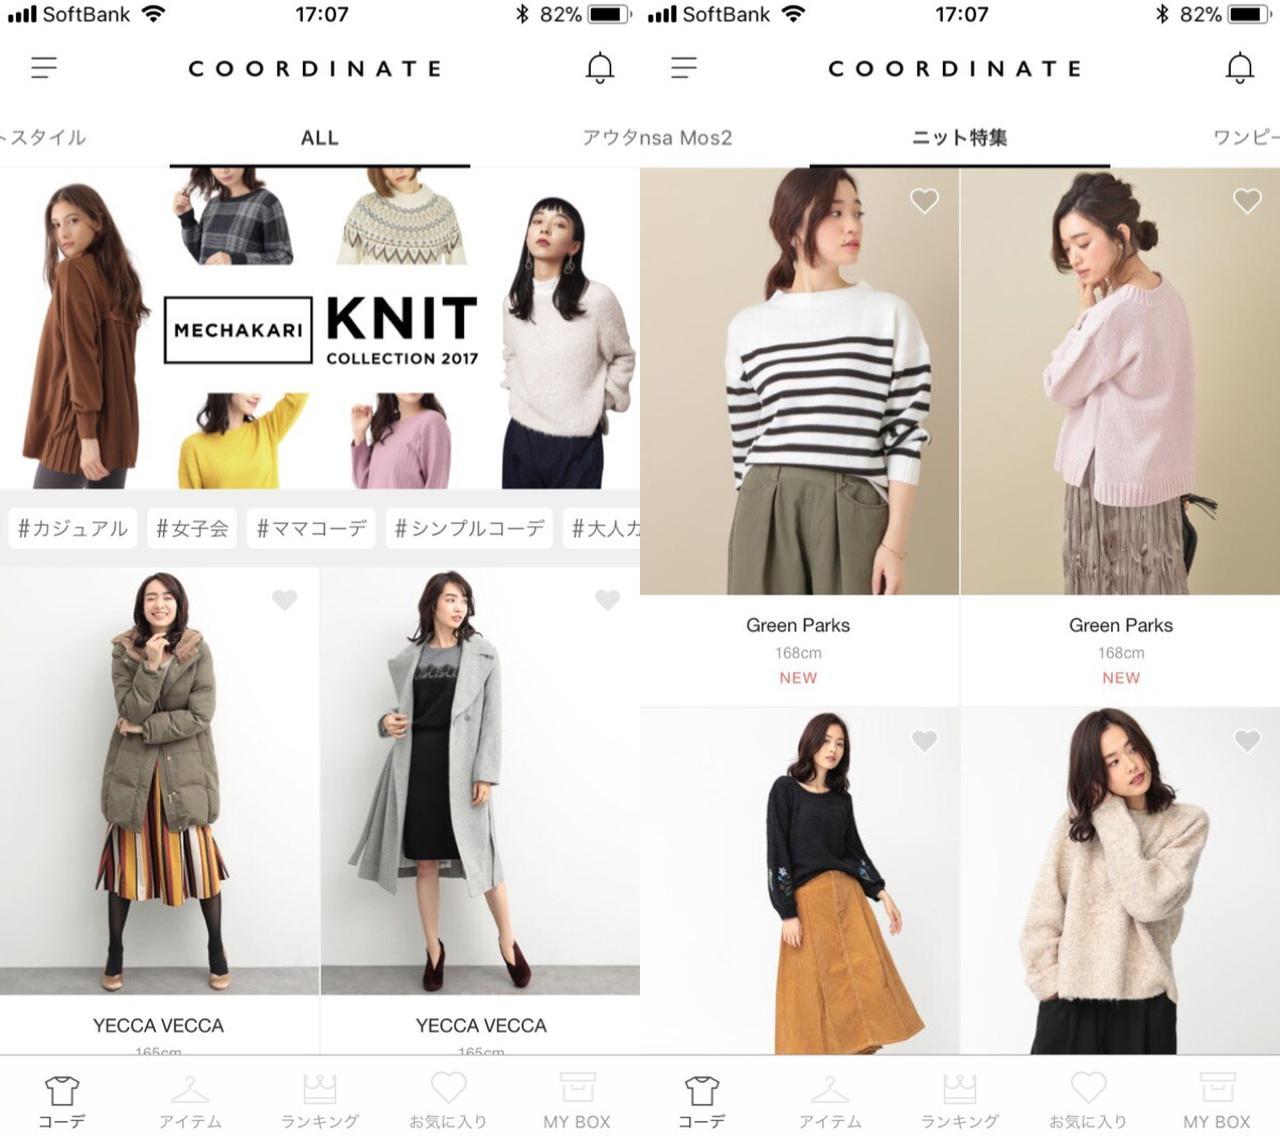 画像2: 人気ブランドたくさん!着用イメージがわかりやすい旬のアイテム特集も便利です。